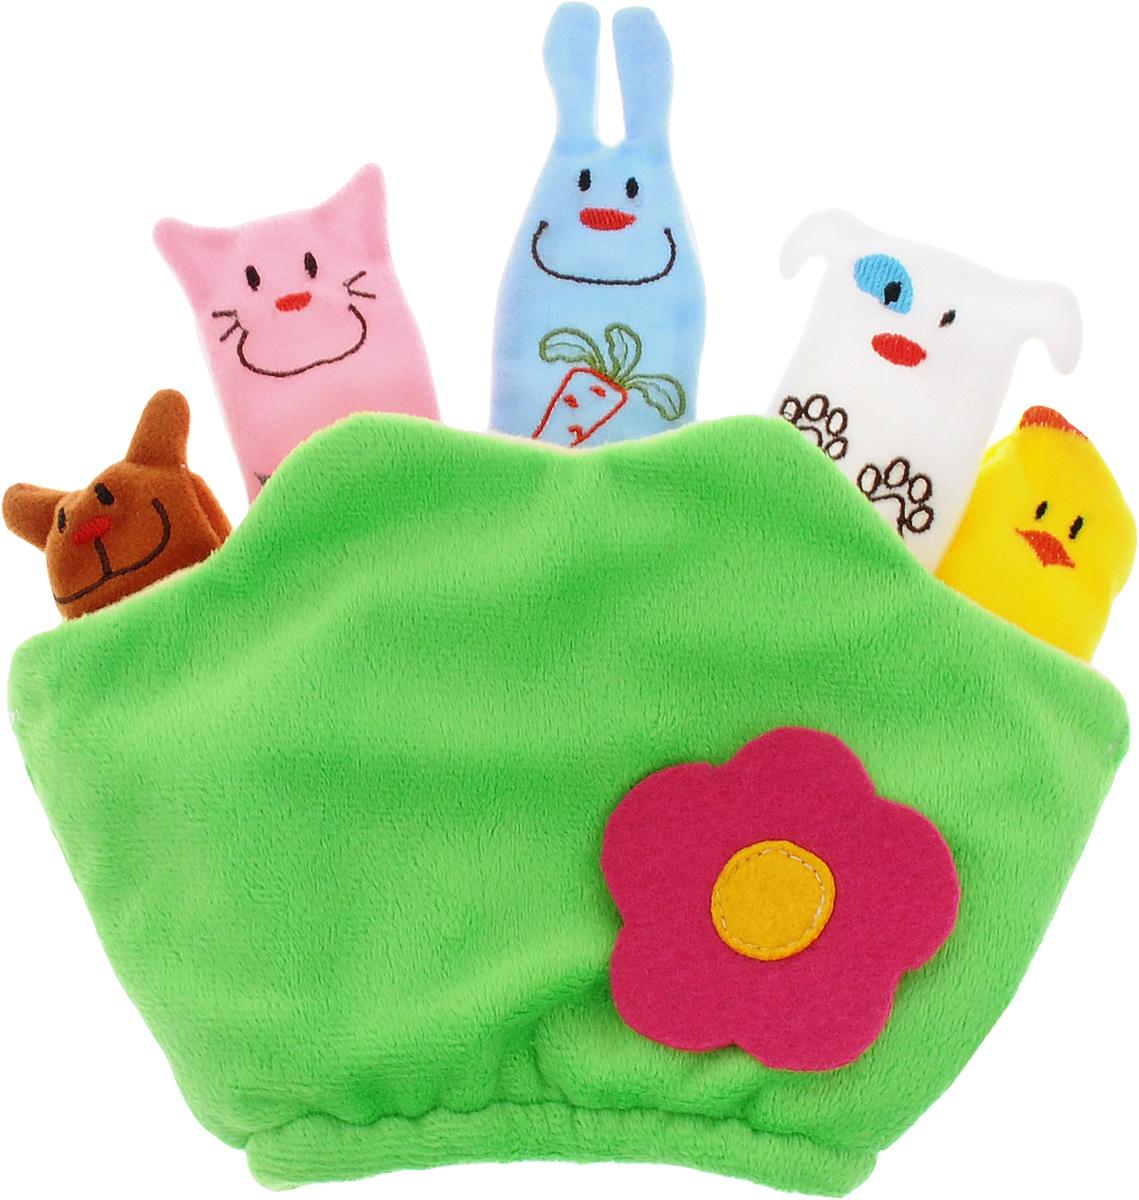 Mommy Love Развивающая игрушка ПолянкаPPO0Развивающая игрушка Mommy Love Полянка - это забавная мягкая перчатка, надеваемая на руку взрослого или ребенка, пальчики которой выполнены в виде фигурок зверушек. Перчатка дополнена эластичной резинкой, благодаря чему надежно и мягко обхватывает запястье и надежно держится на руке. Игрушка дополнена шуршащей вставкой, а благодаря маленькие пальчики-зверушки помогут развлечь малыша. С их помощью можно оживить любимые стихи, сказки, потешки. Очаровательная игрушка развивает внимание, зрительное и слуховое восприятие, творческие способности и мелкую моторику.